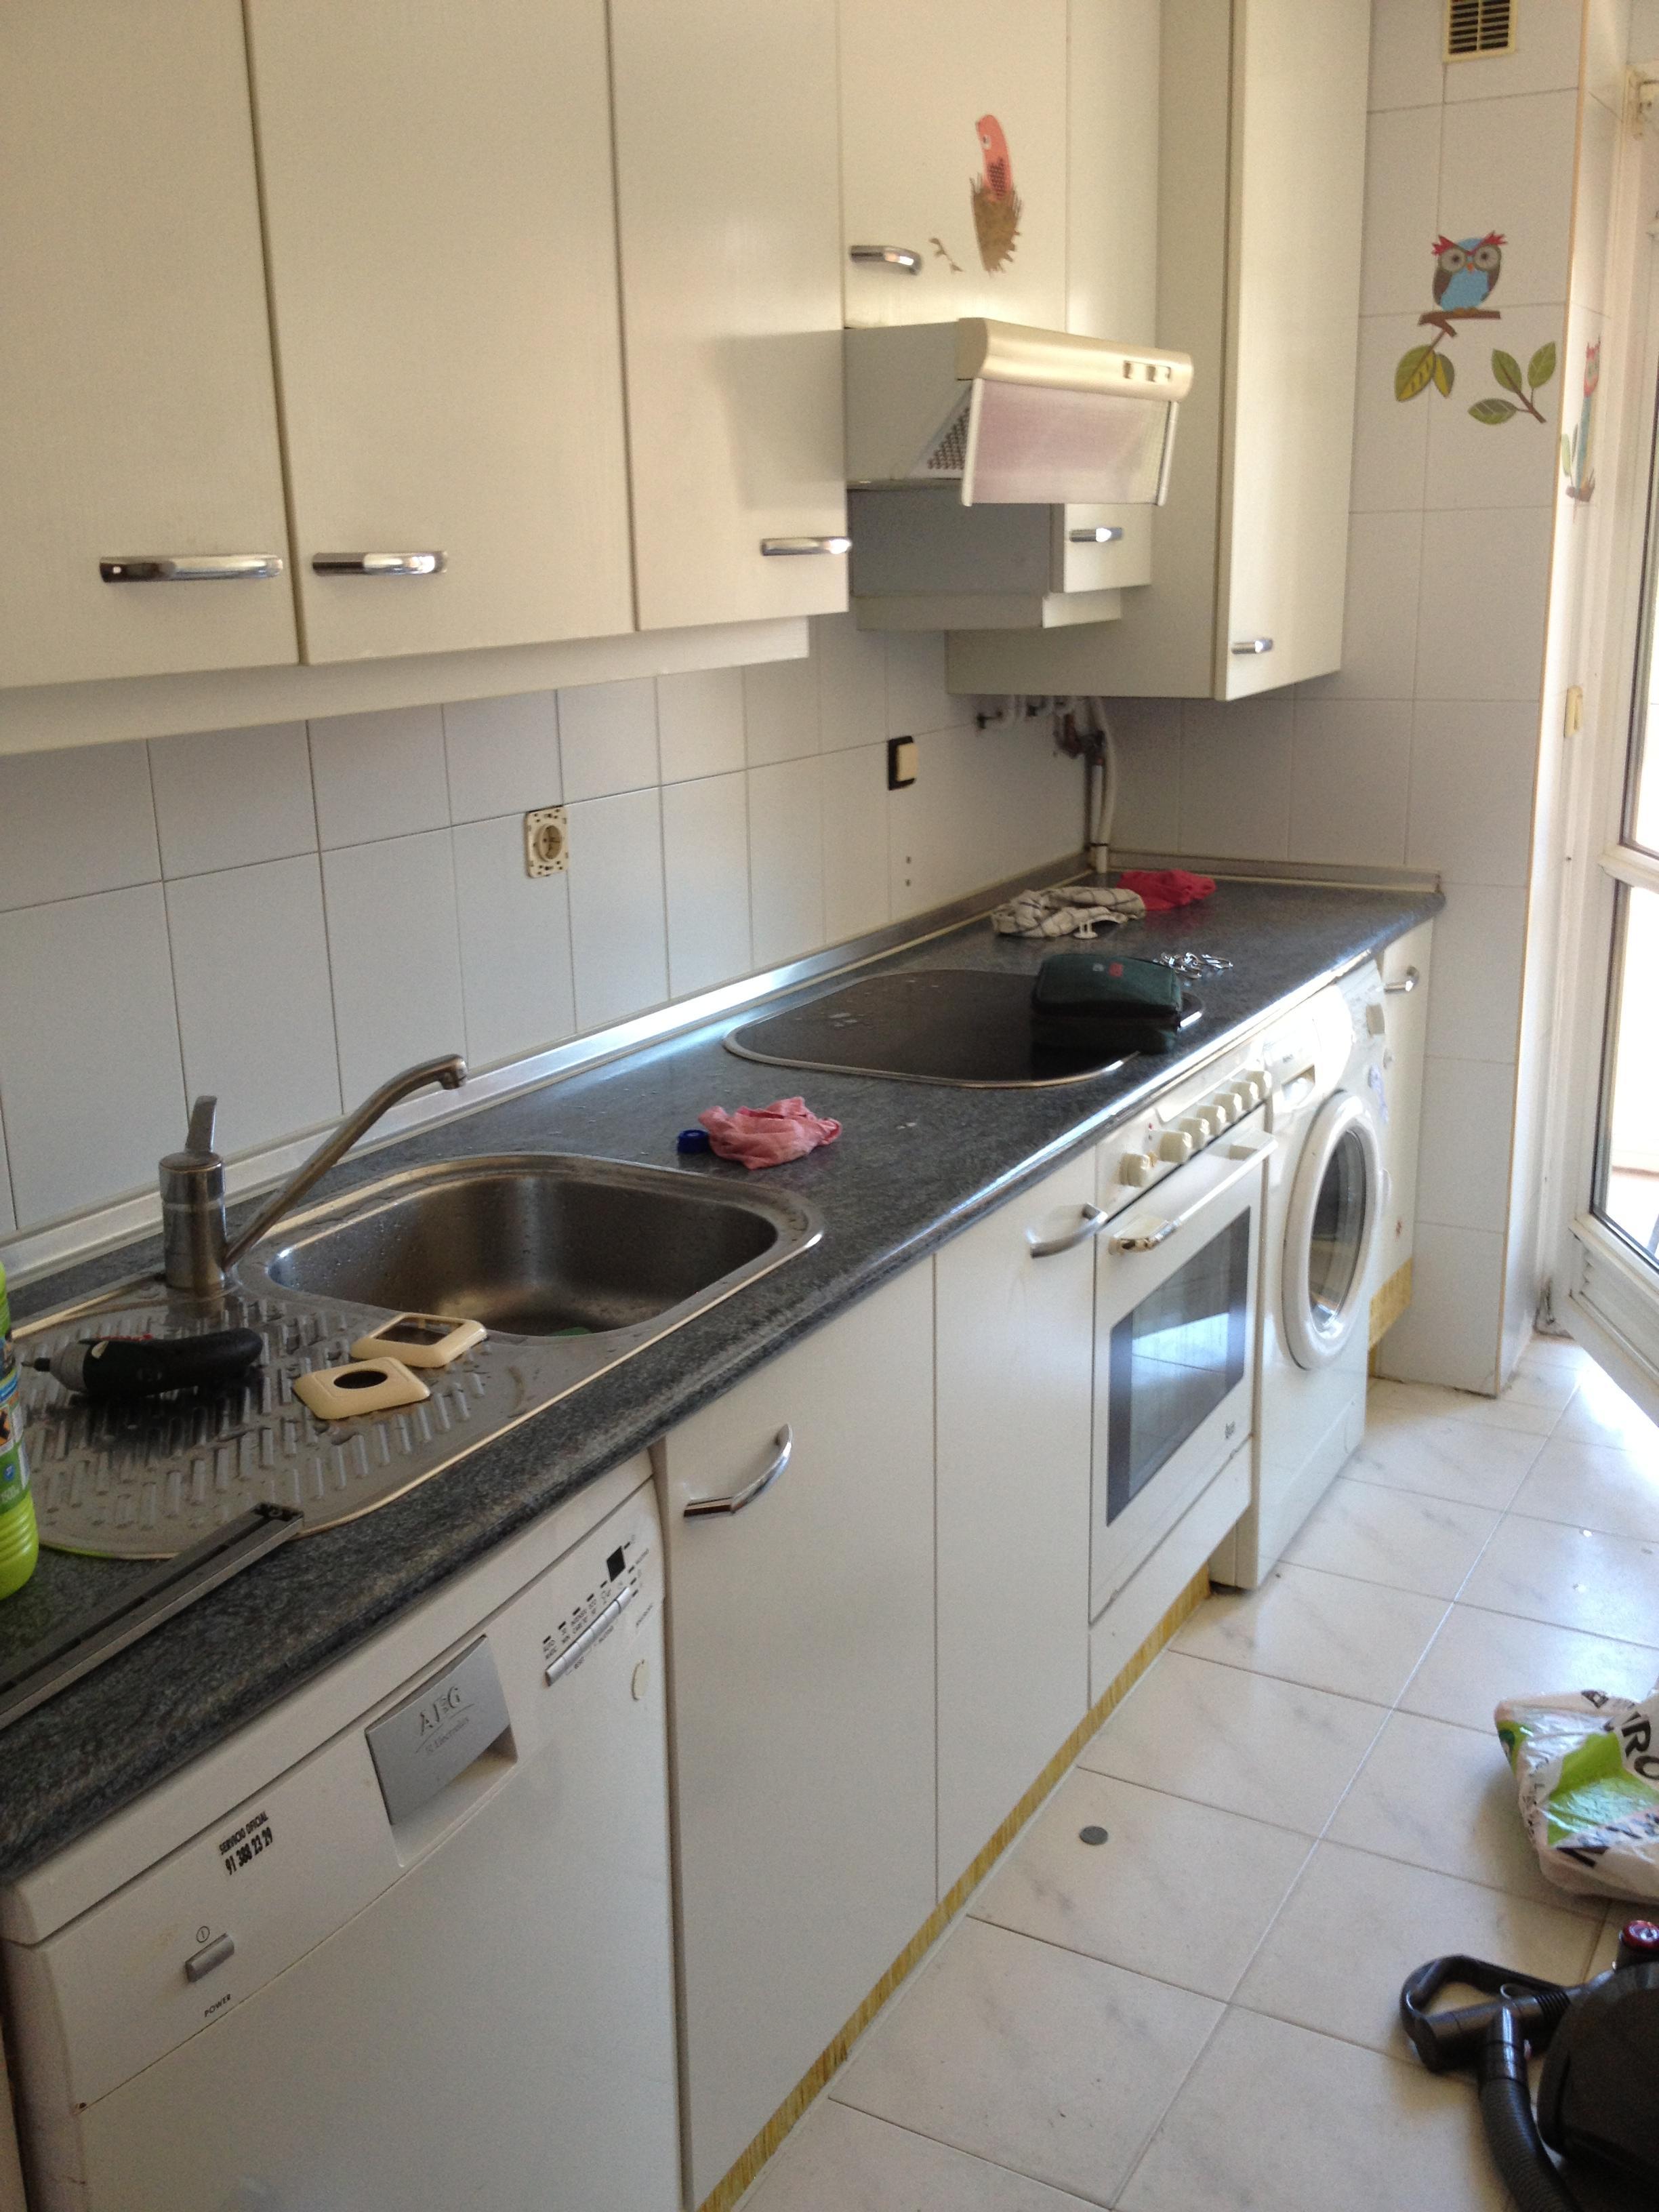 Nova decora reformando una cocina con poco presupuesto - Cocina con poco ...